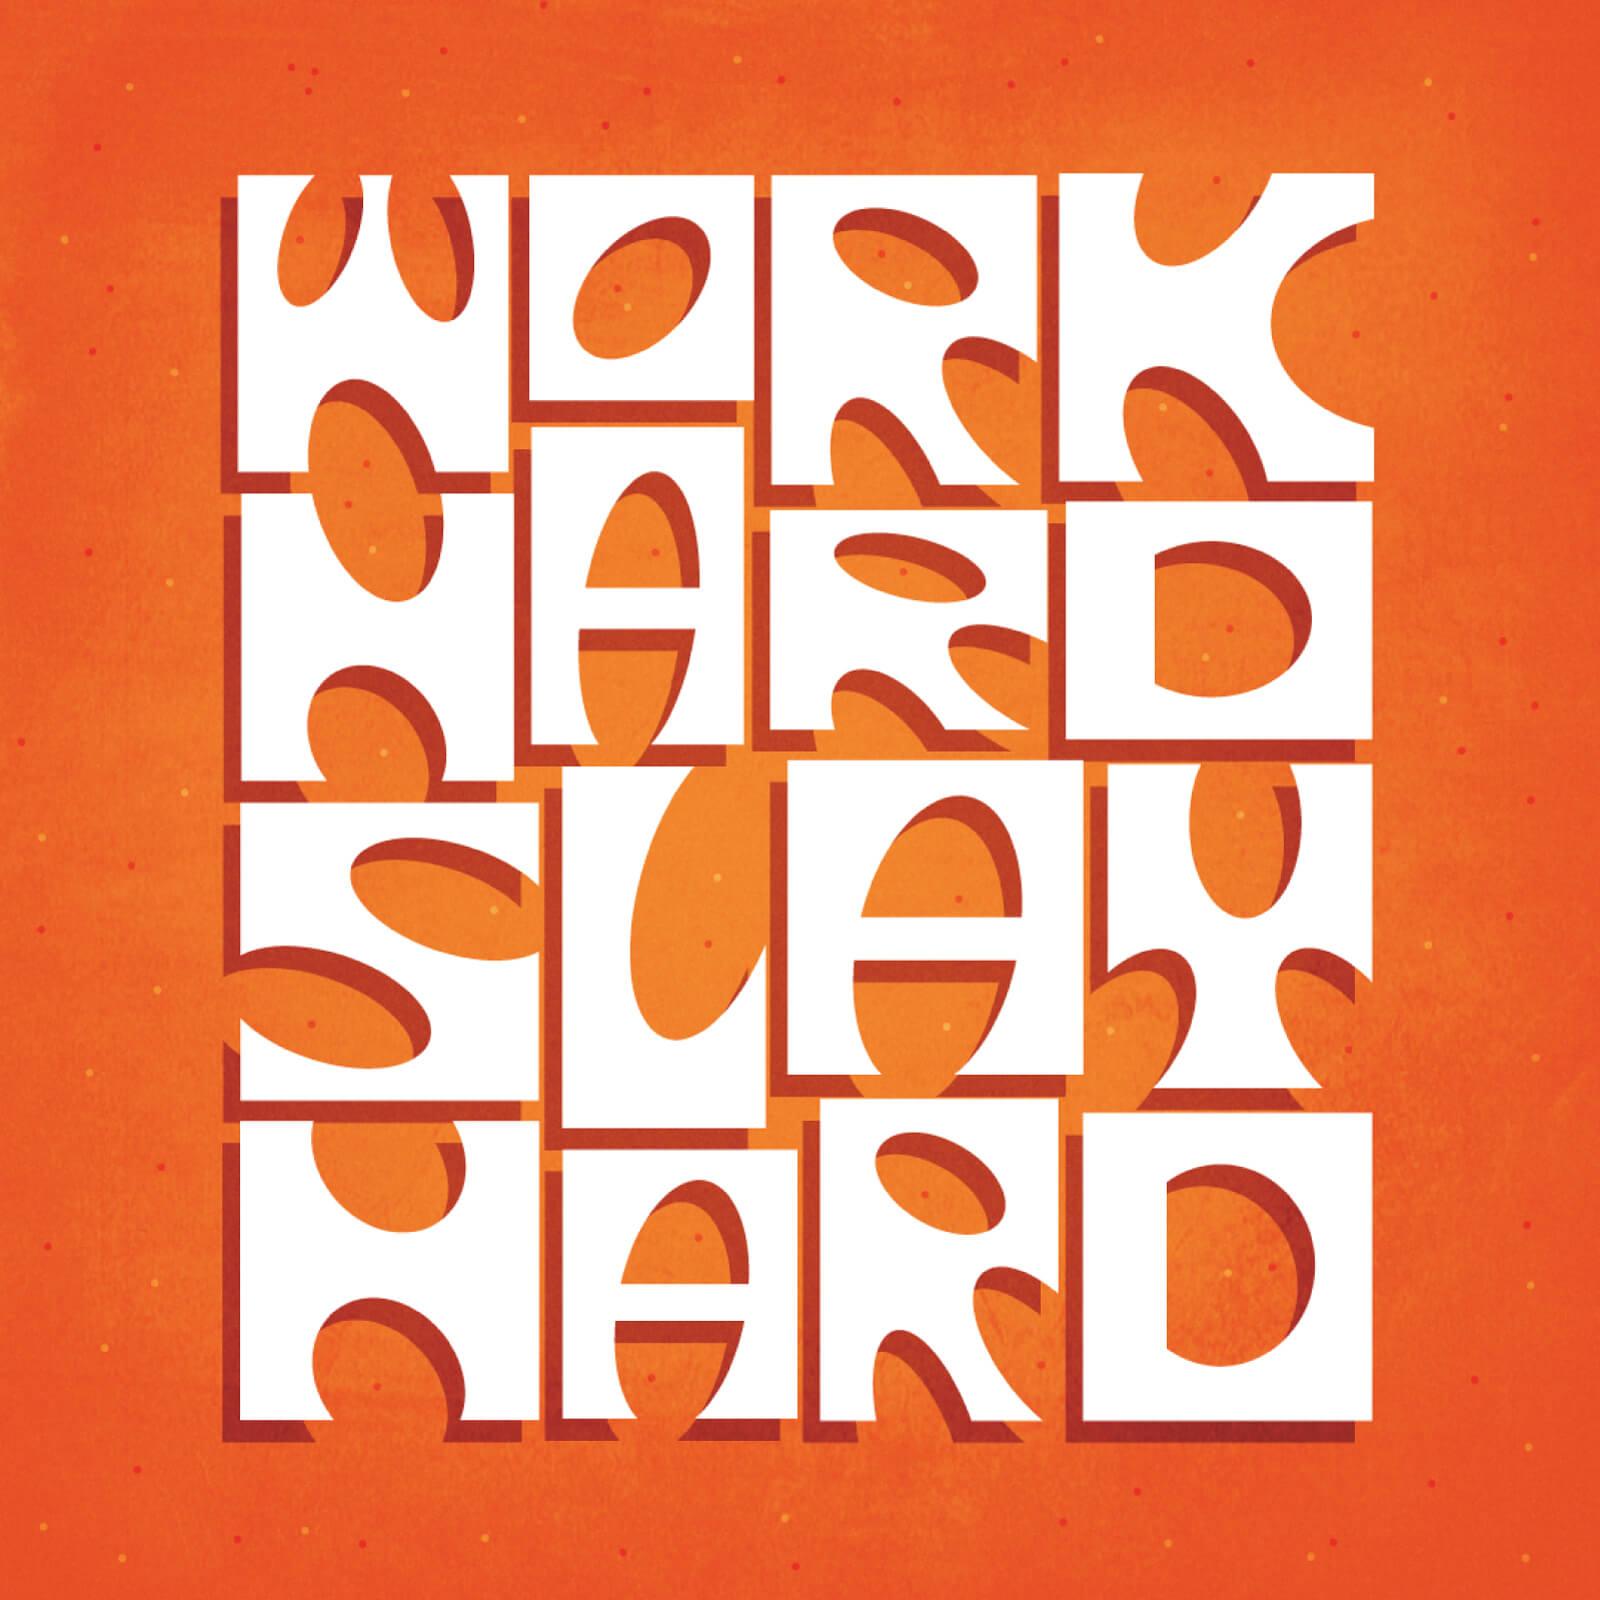 Work Hard Slay Hard - Shreya Pratap Tawade